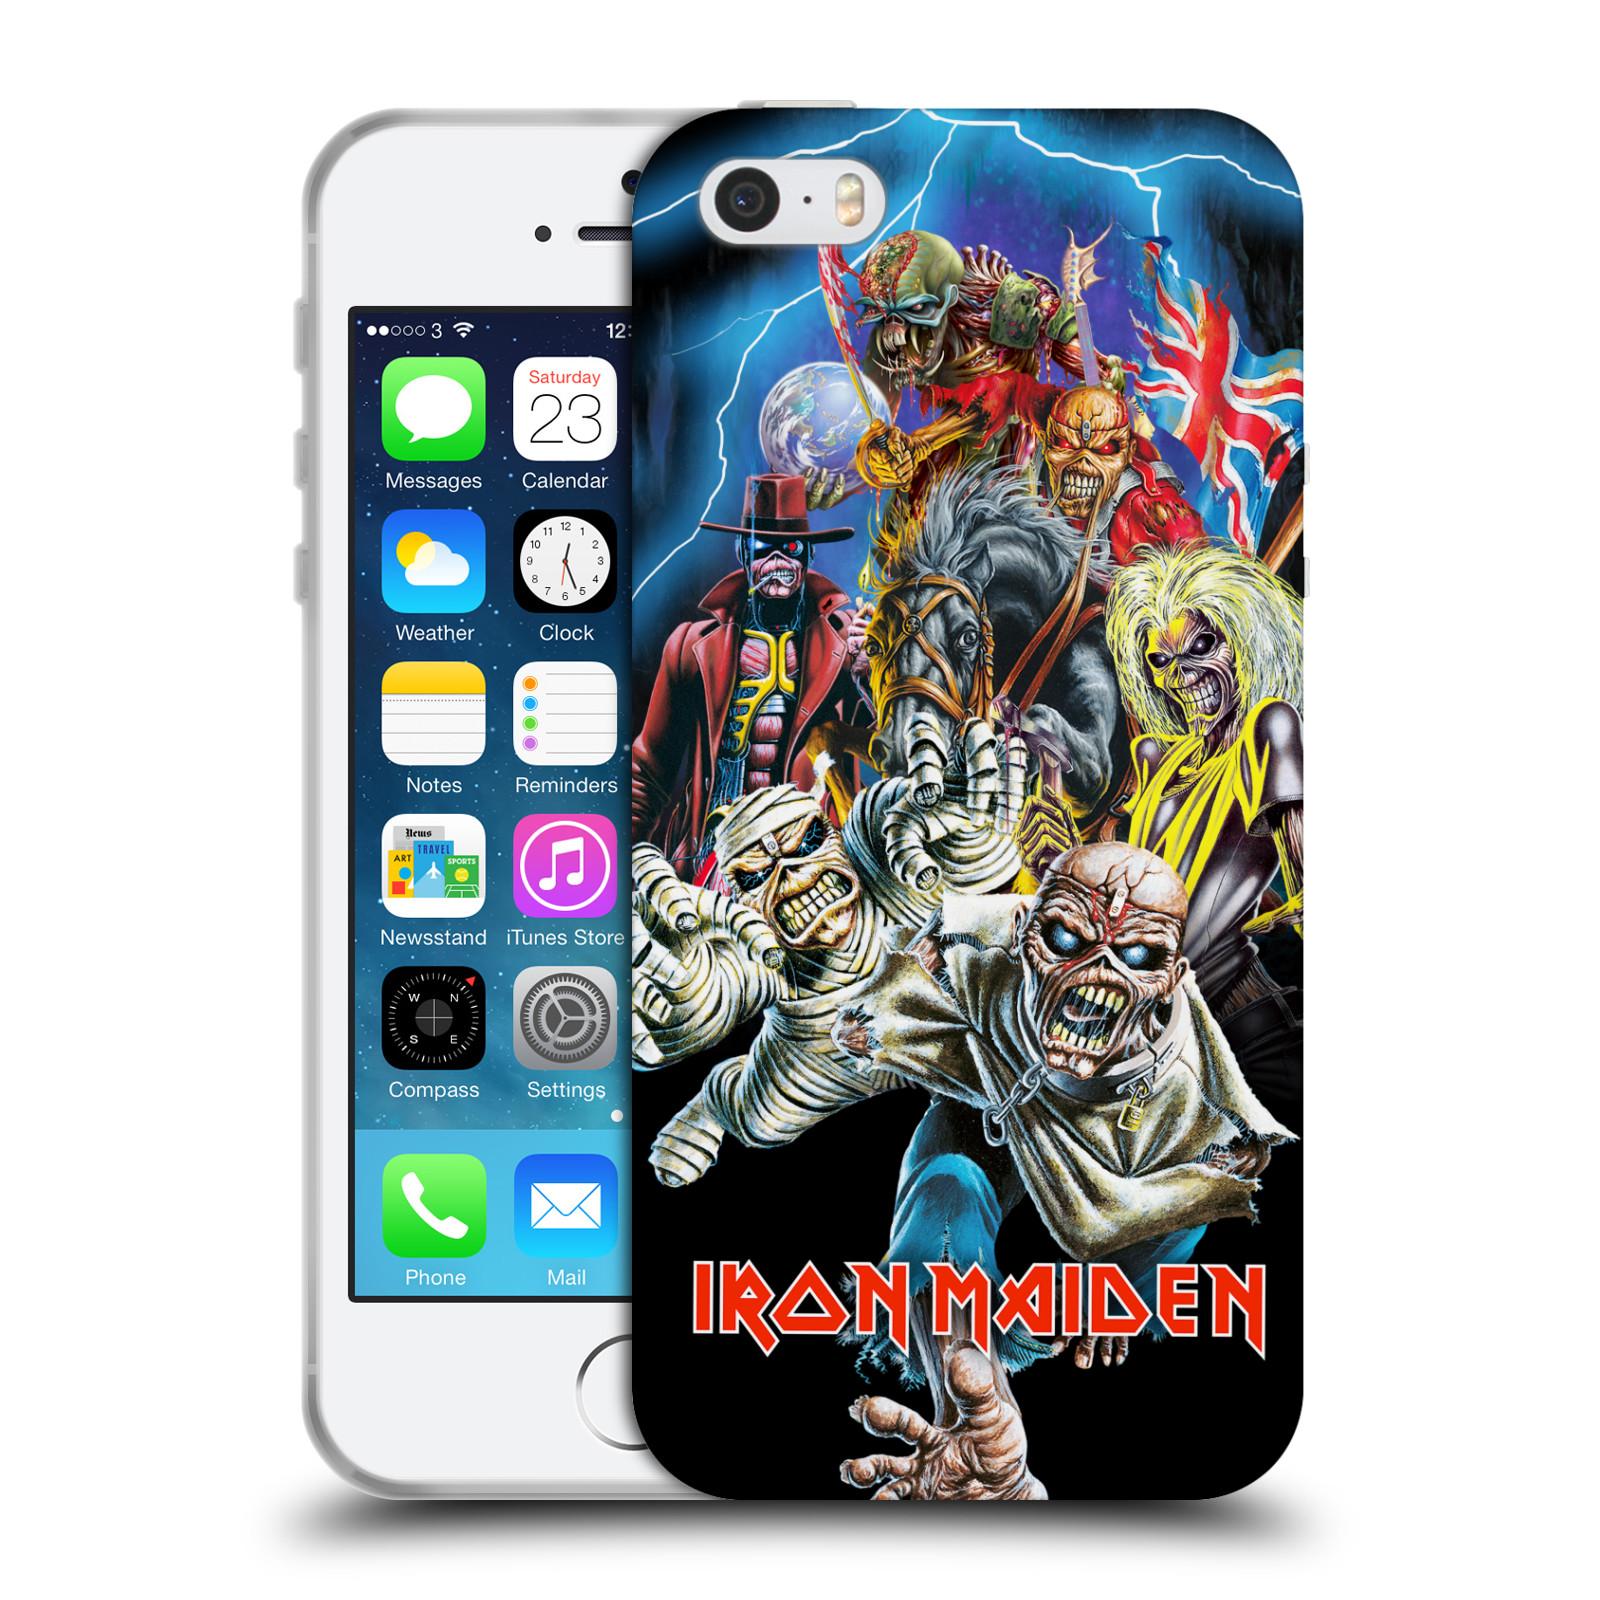 Silikonové pouzdro na mobil Apple iPhone SE, 5 a 5S HEAD CASE - Iron Maiden - Best Of Beast (Silikonový kryt či obal na mobilní telefon s licencovaným motivem Iron Maiden Apple iPhone SE, 5 a 5S)